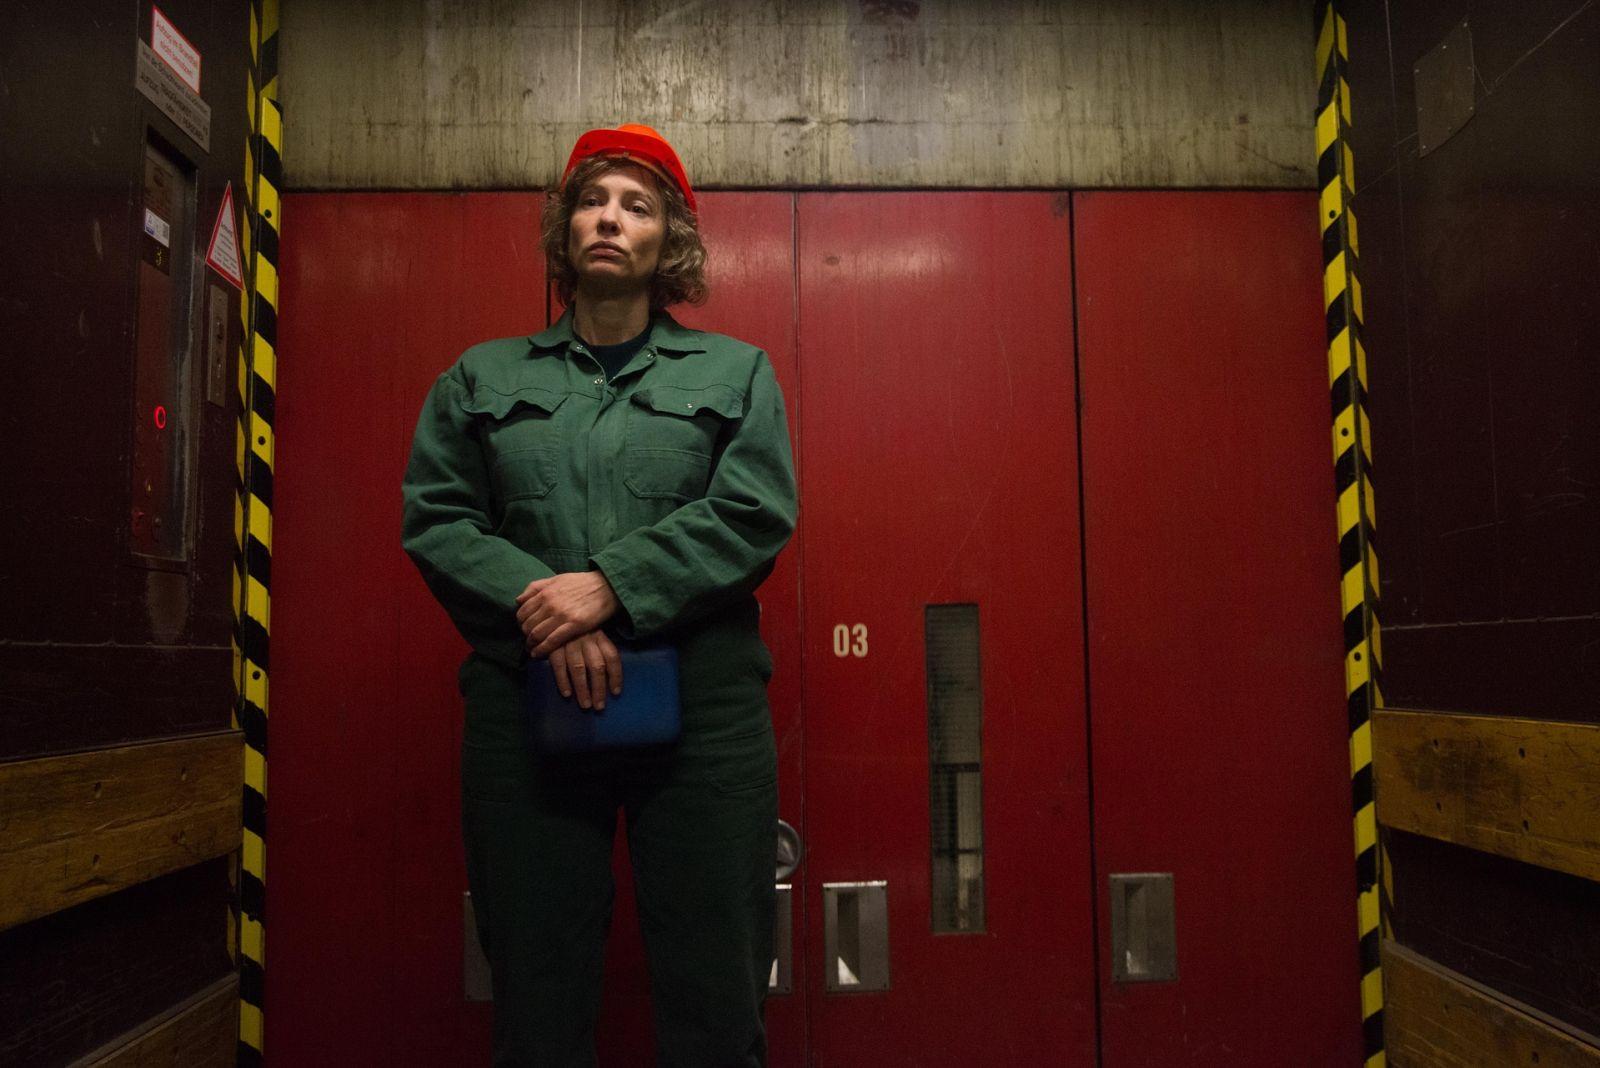 13 обличий Кейт Бланшетт: актриса стала бездомной, учительницей и работницей фабрики - фото №3